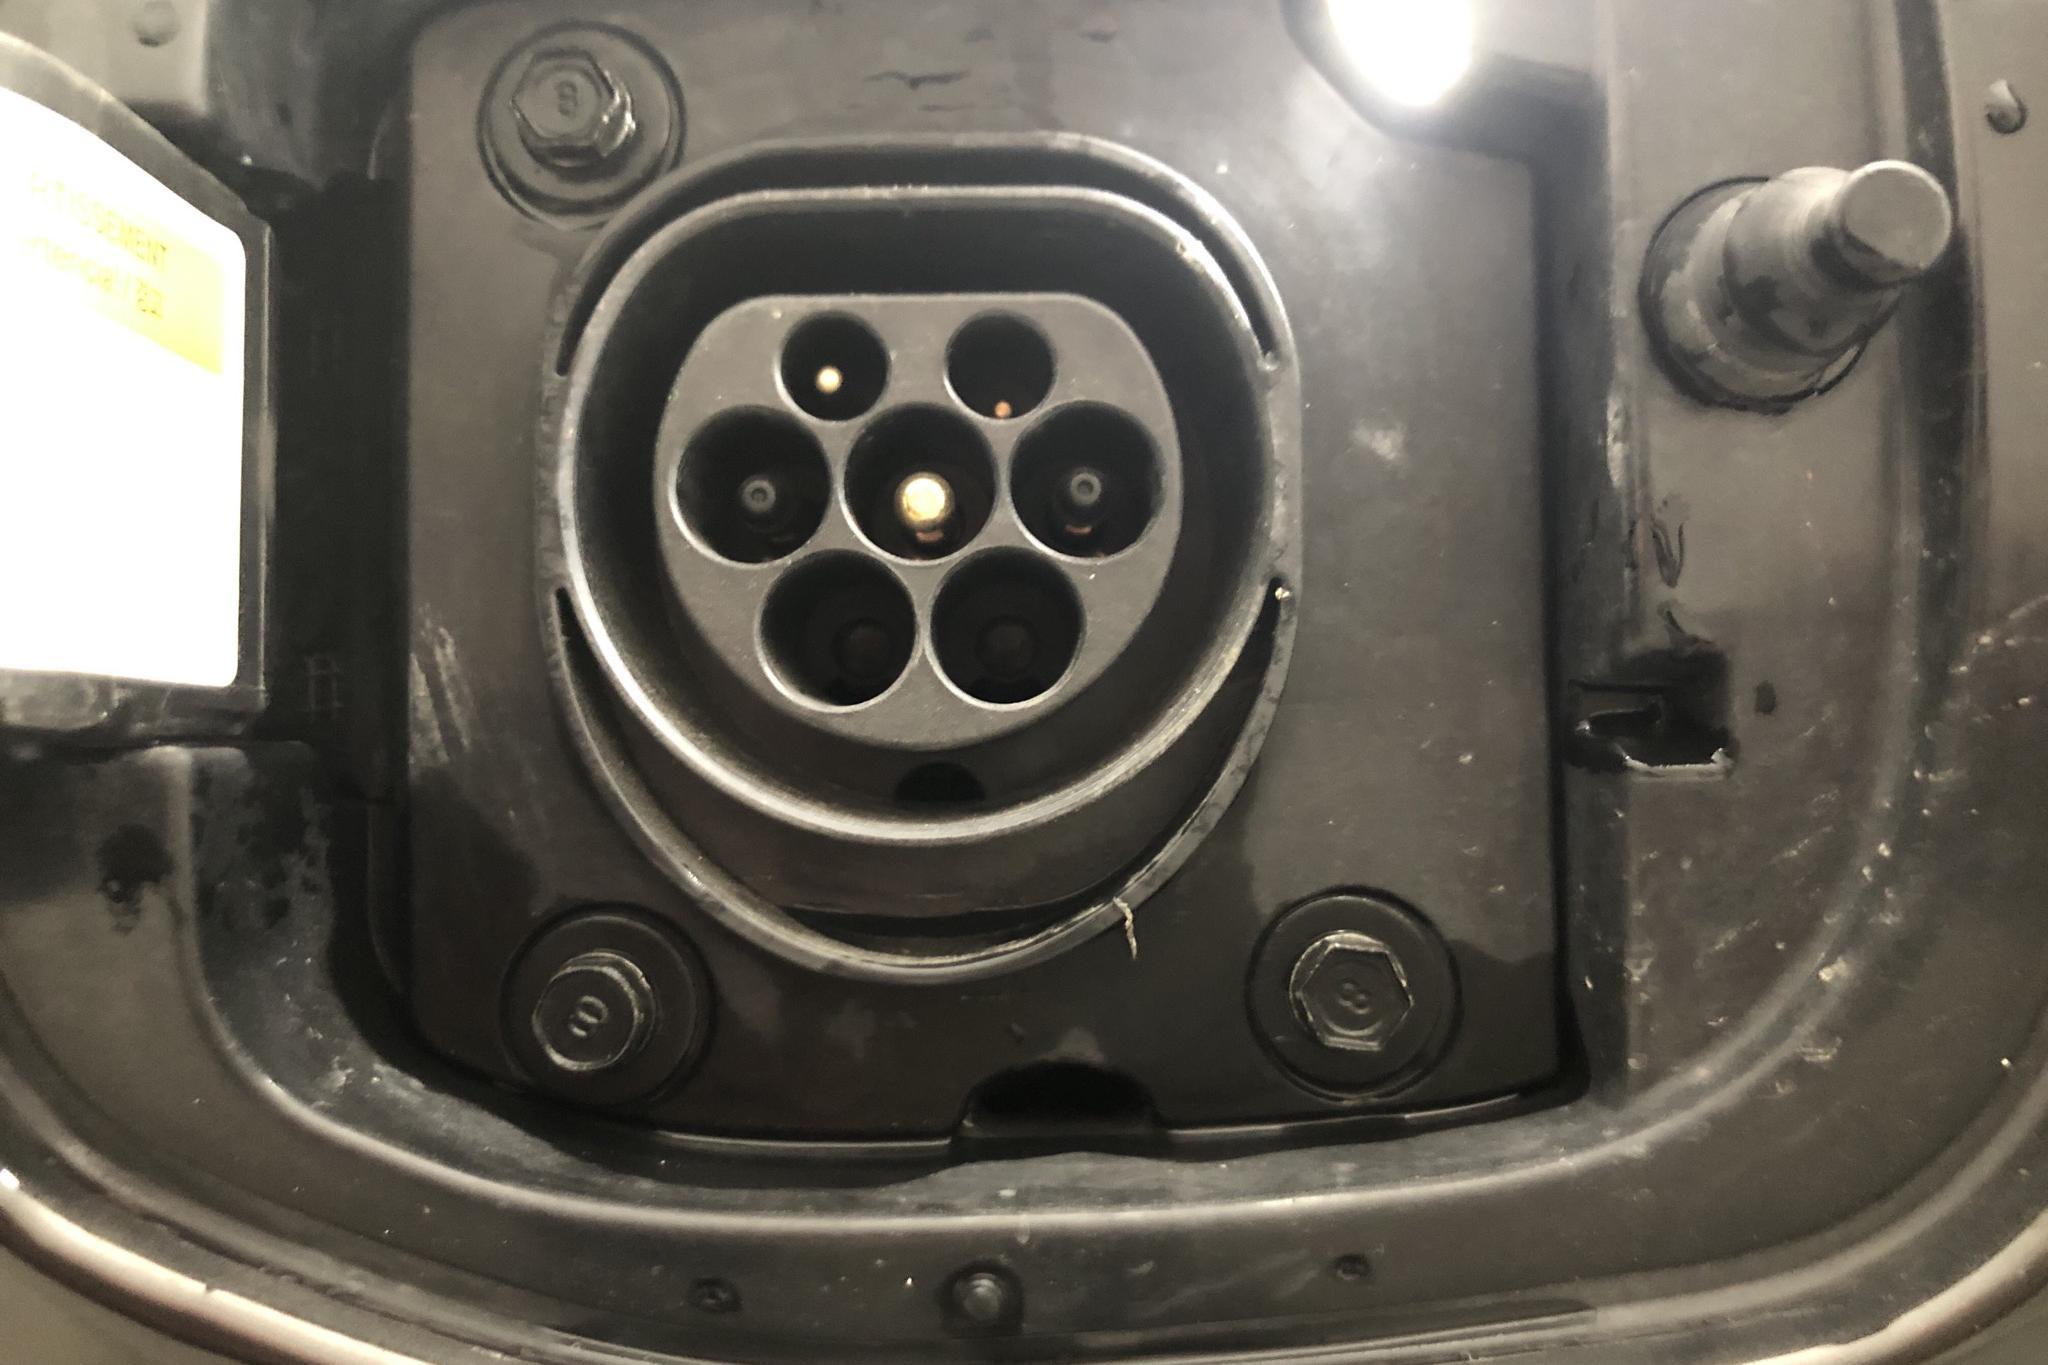 KIA Niro Plug-in Hybrid 1.6 (141hk) - 76 930 km - Automatic - brown - 2018